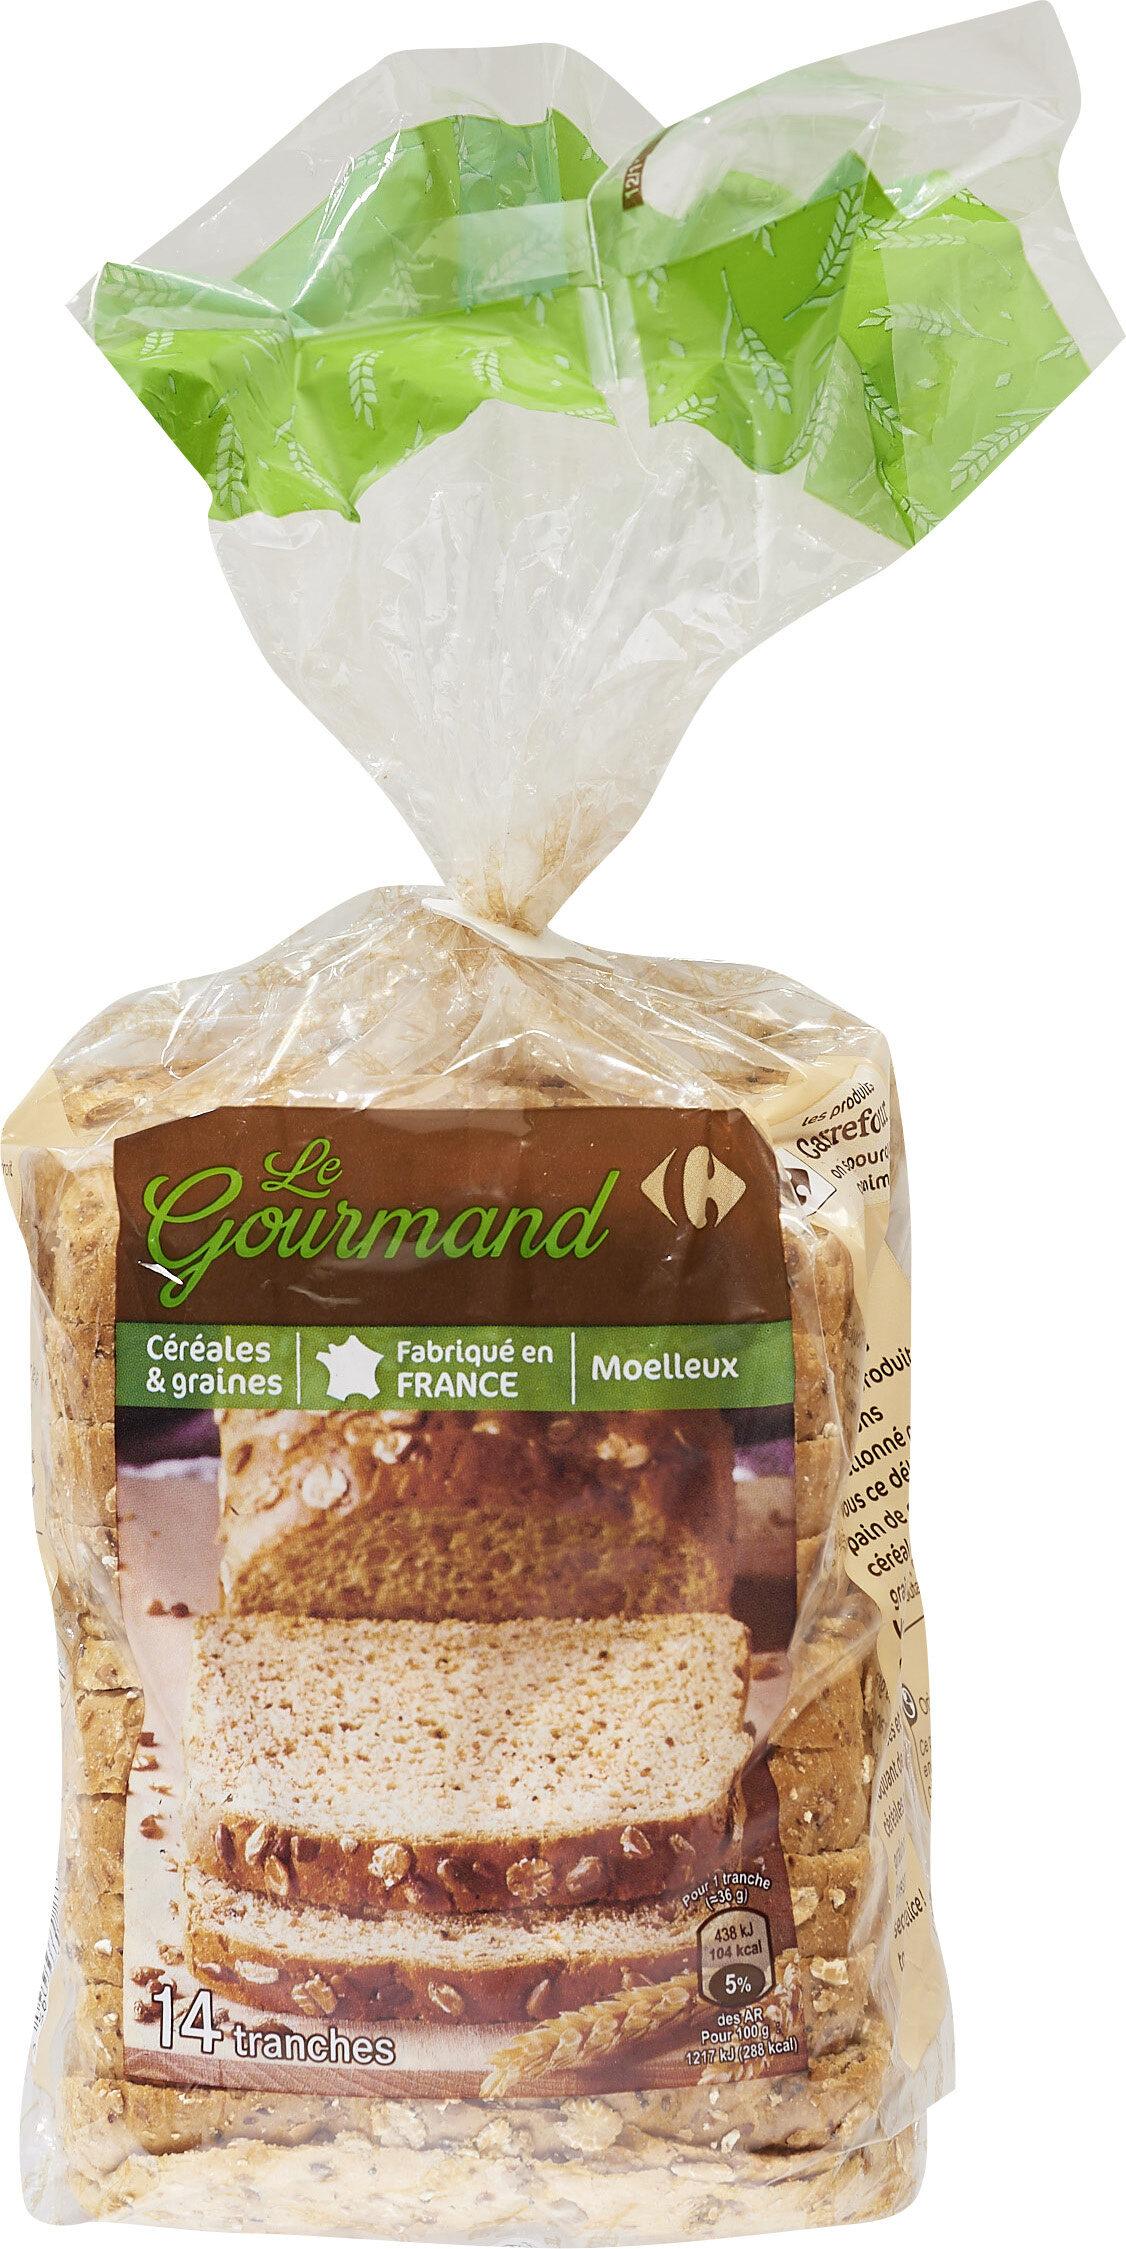 Le Gourmand - Prodotto - fr